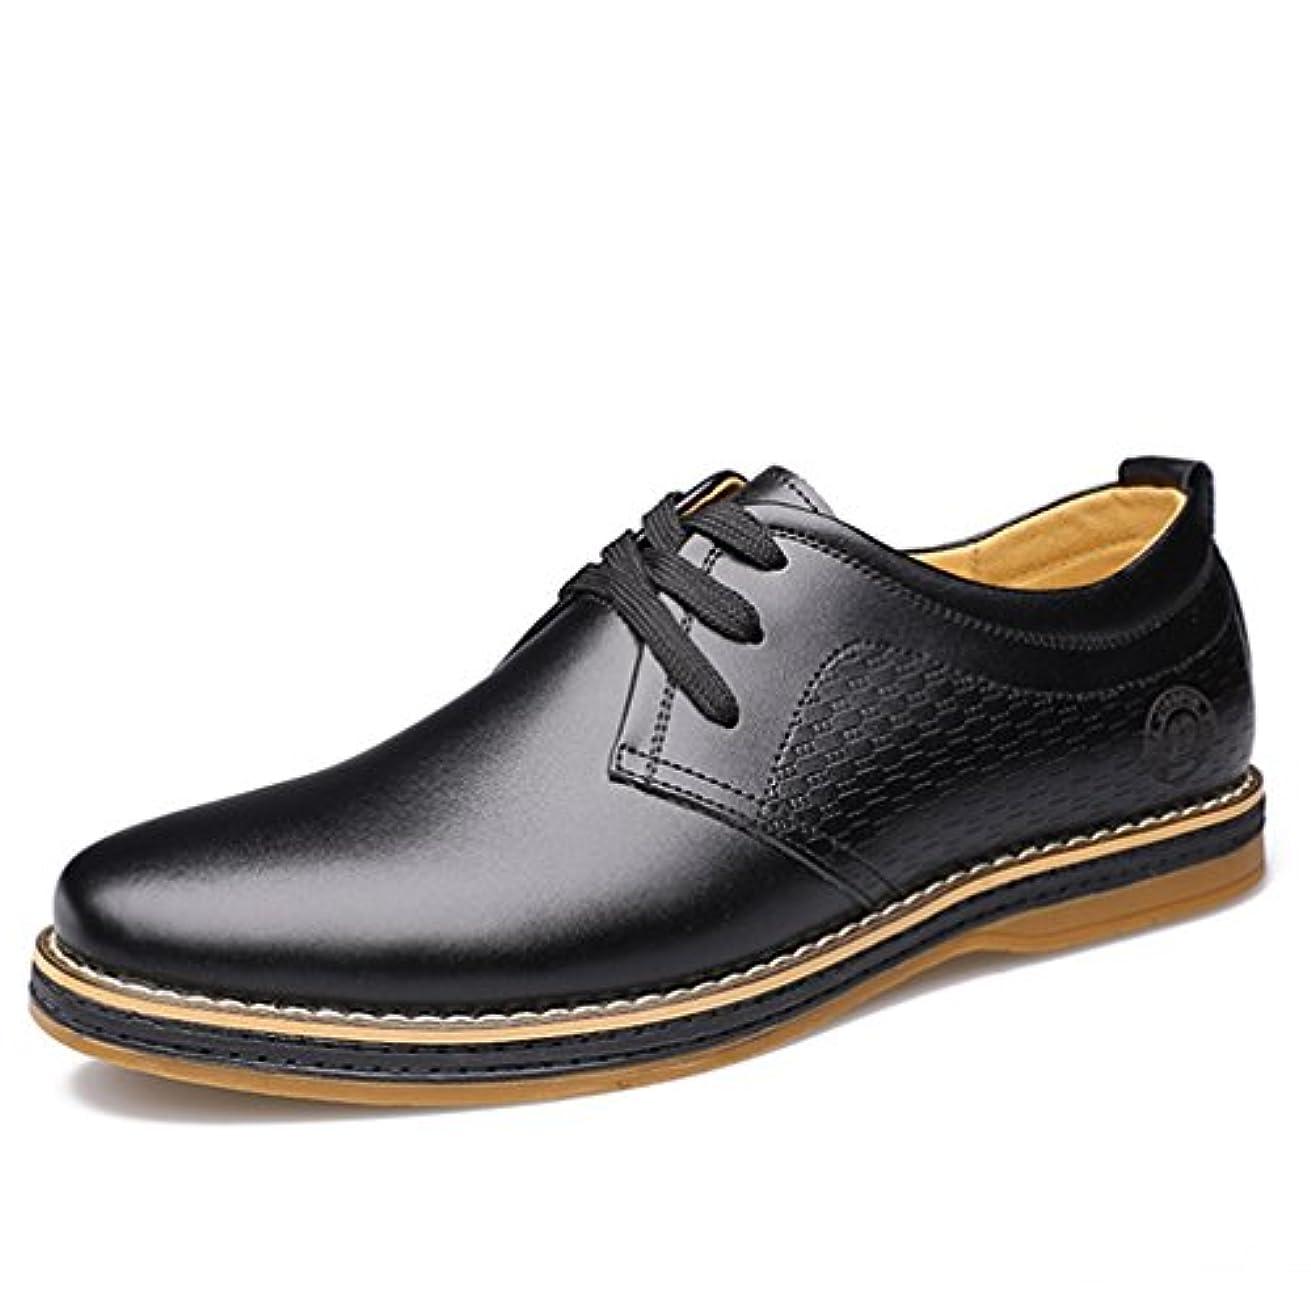 不測の事態無駄にメタンビジネスシューズ 歩きやすい メンズ プレーントゥ おしゃれ シューズ 通勤 紳士靴 結婚式 快適 本革 フォーマル「イノヤ」